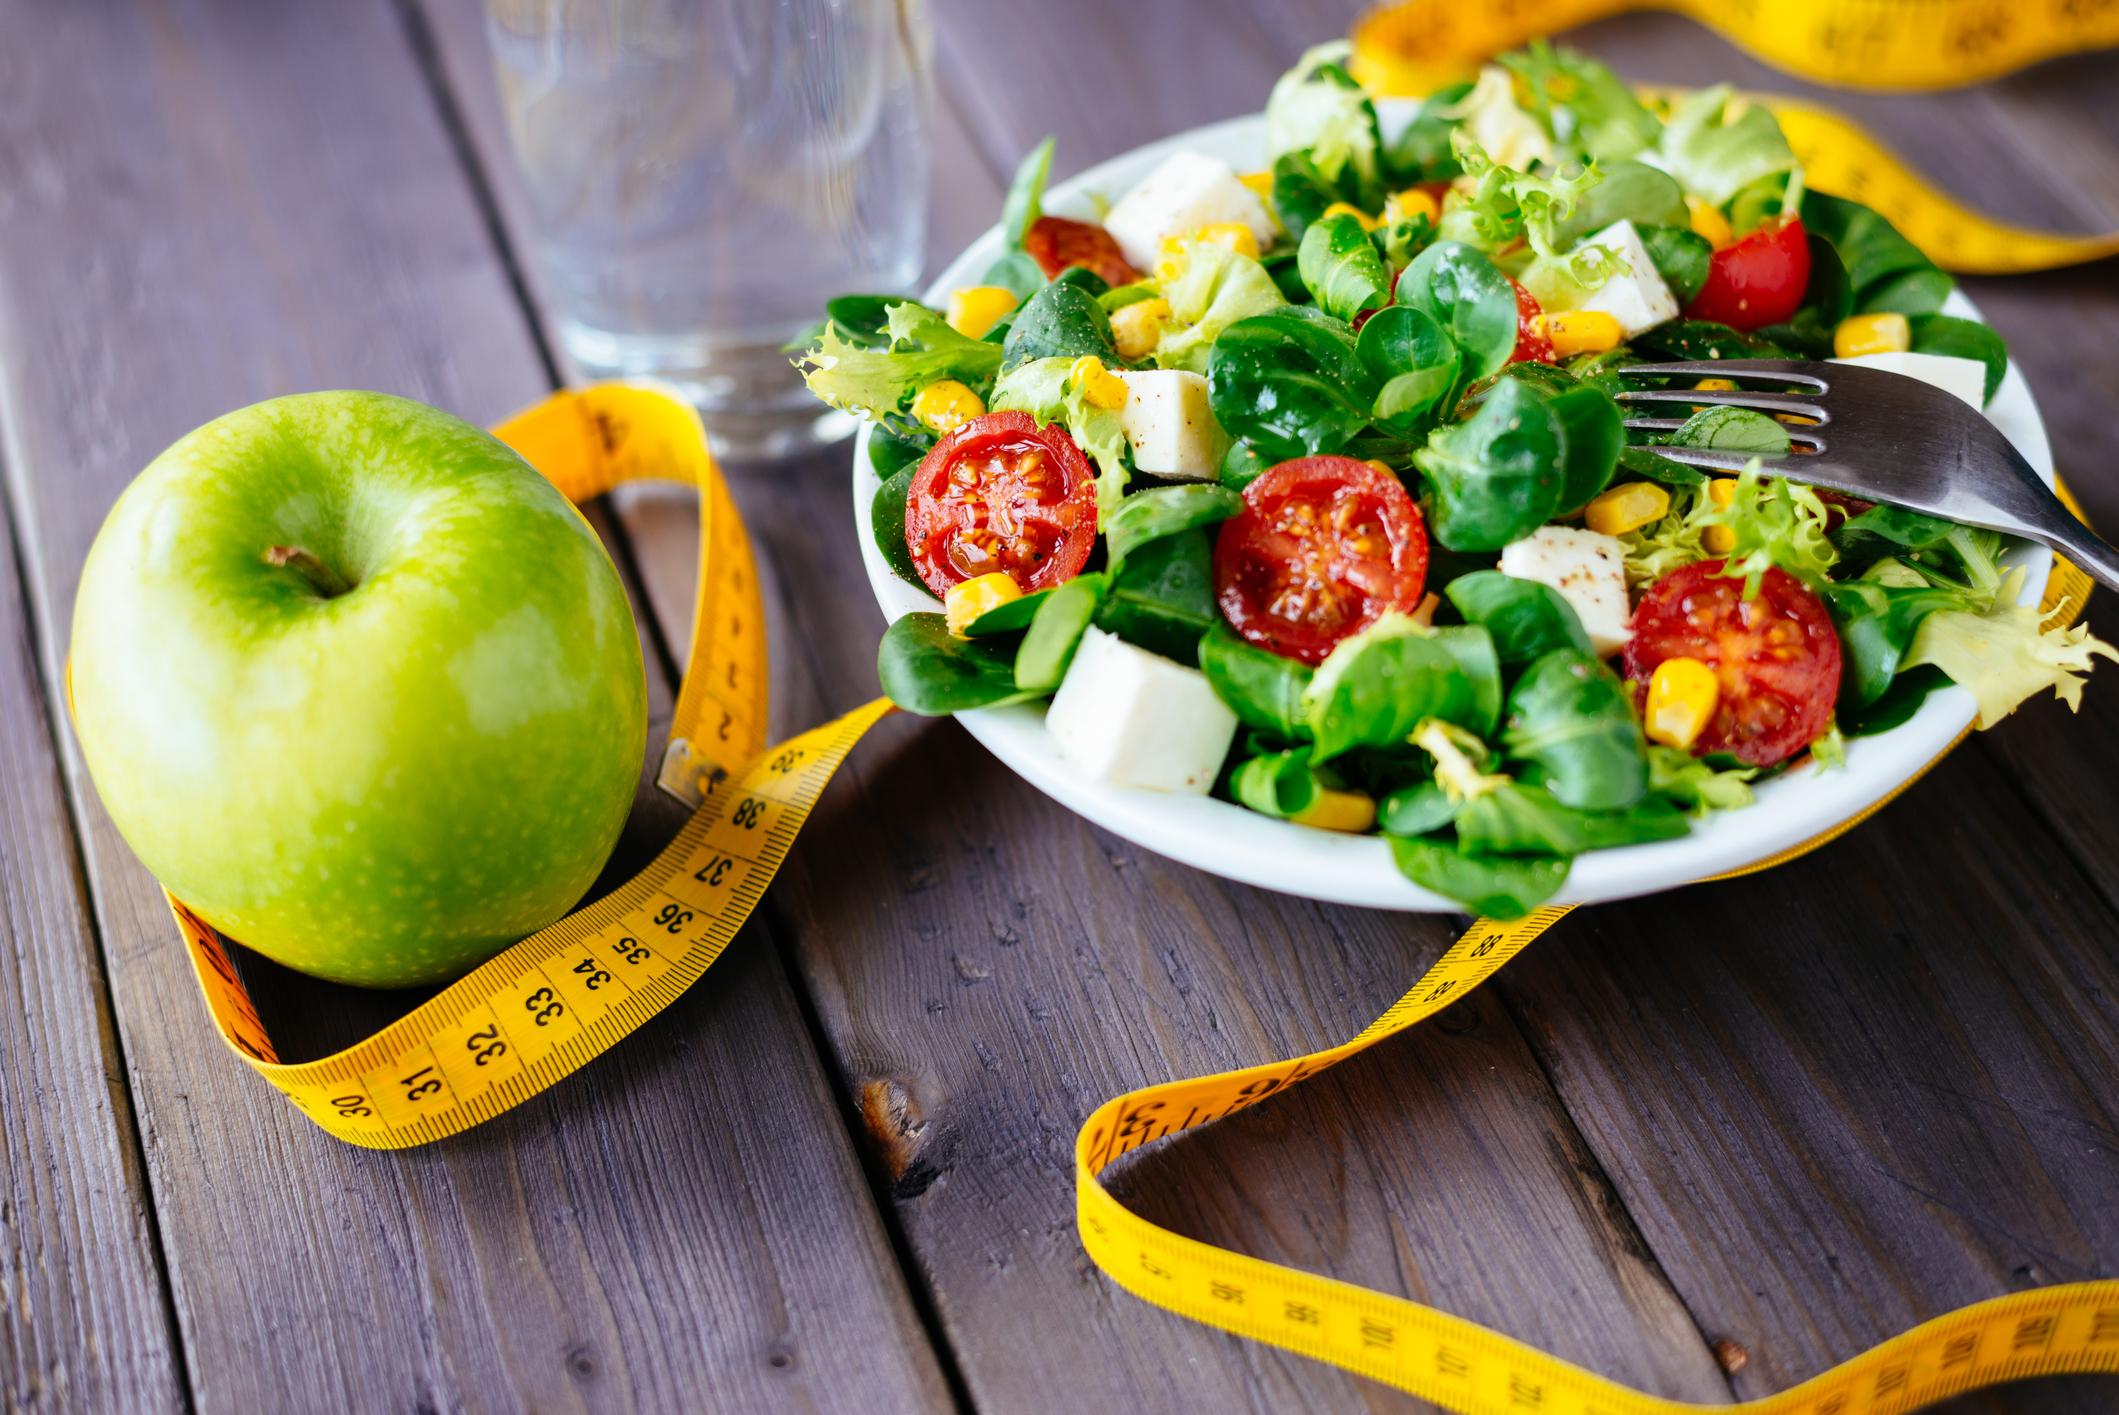 7 простих способів знизити вагу, не сідаючи на дієту